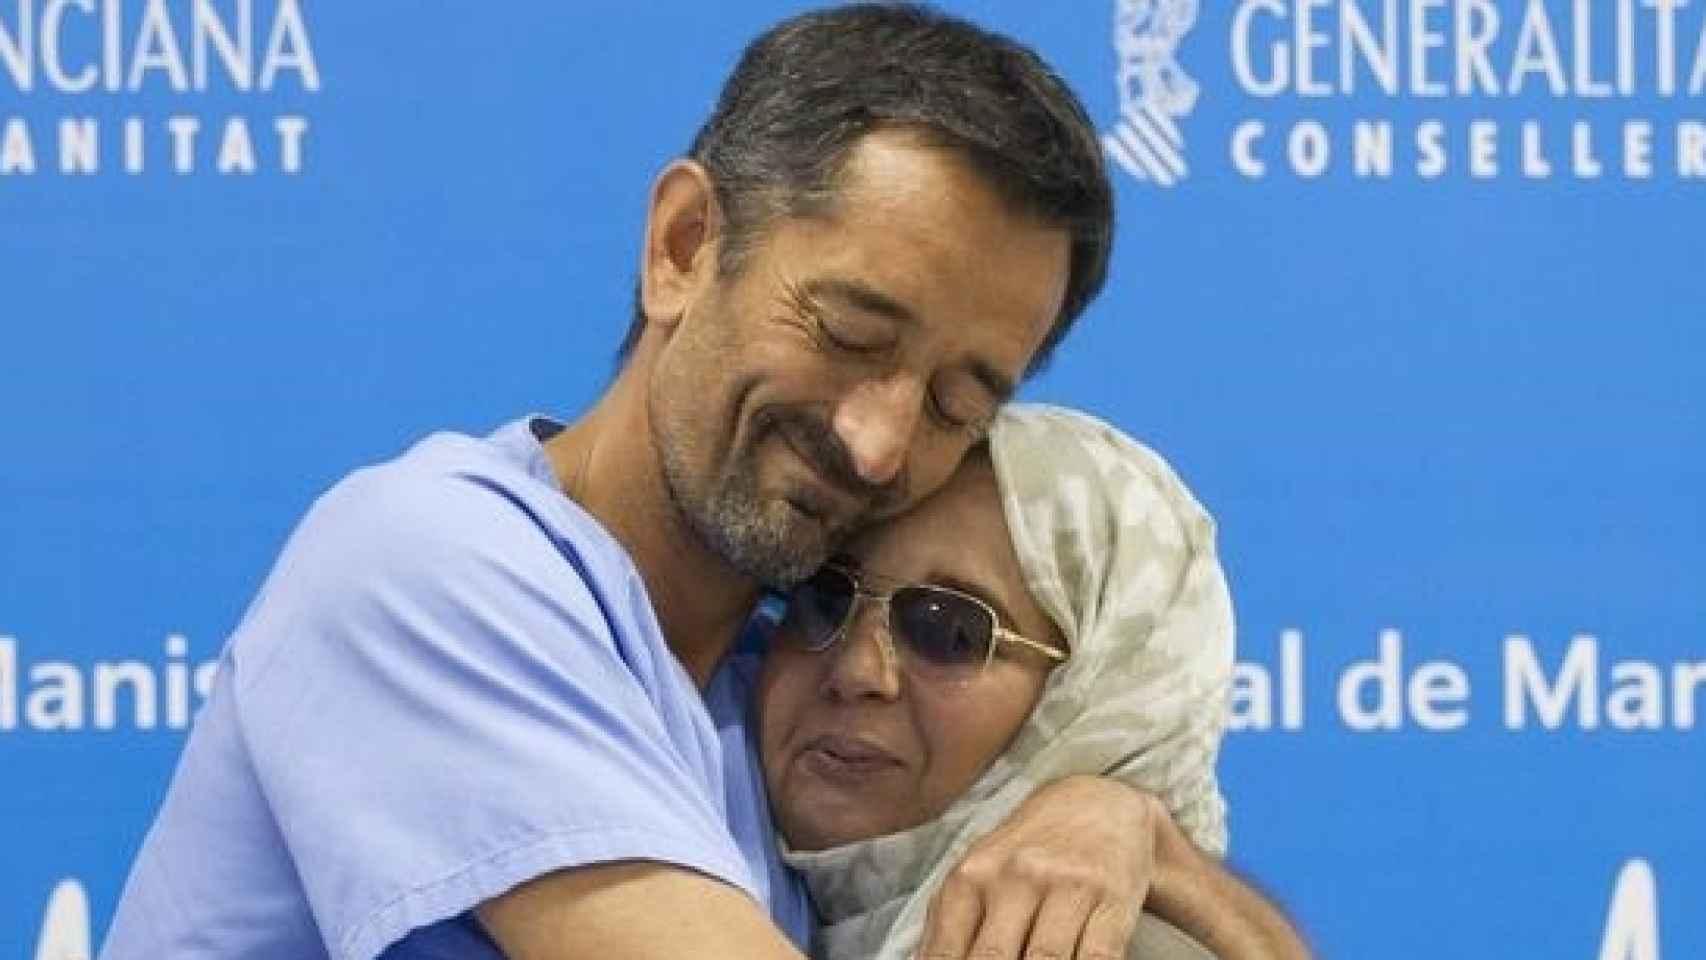 El doctor Pedro Cavadas extirpó el tumor de Samira de forma altruista, sin cobrar ni un sólo euro.